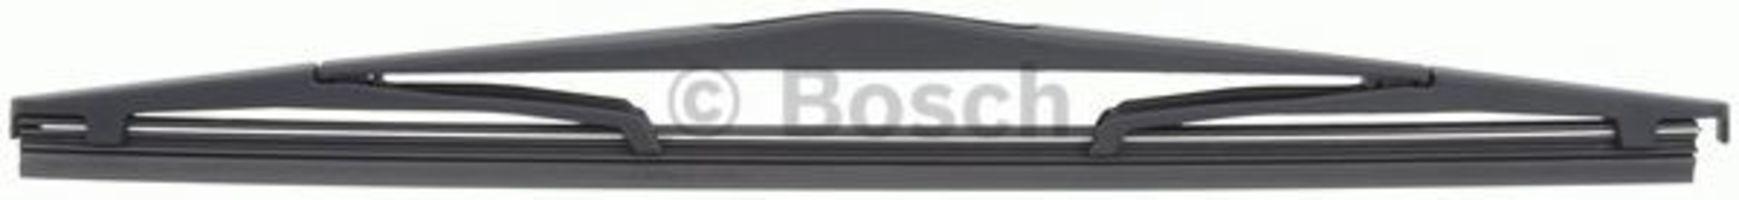 Щетка стеклоочистителя 300мм BOSCH 3397011432